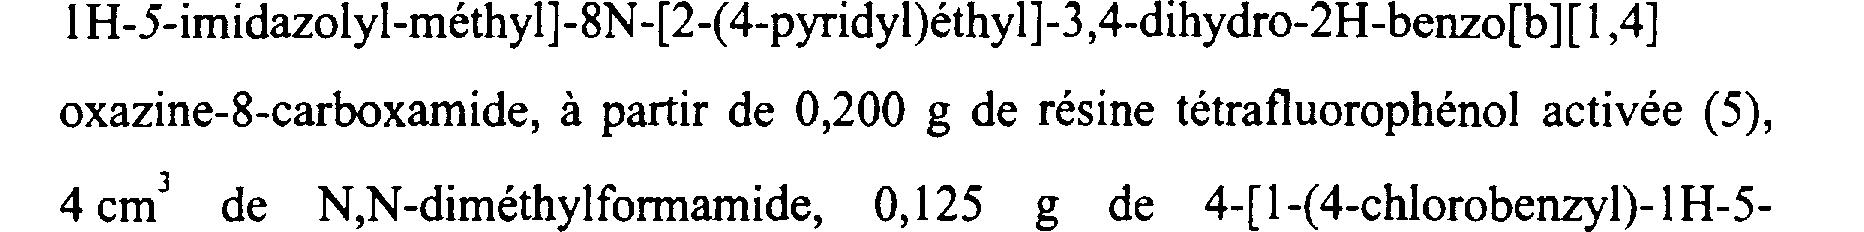 Figure img00820002